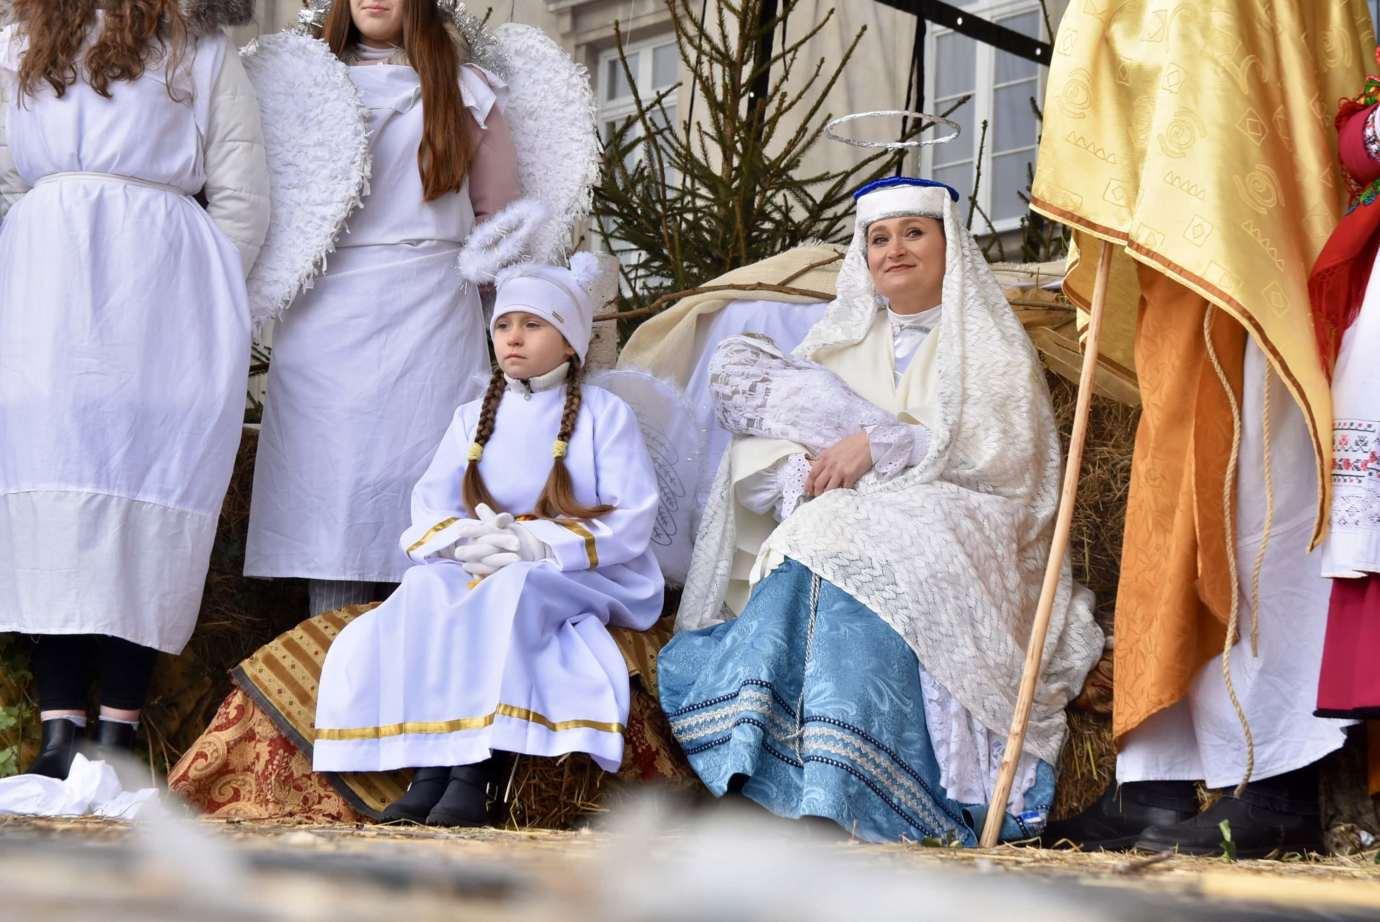 dsc 2456 Rekordowy VI Orszak Trzech Króli w Zamościu -